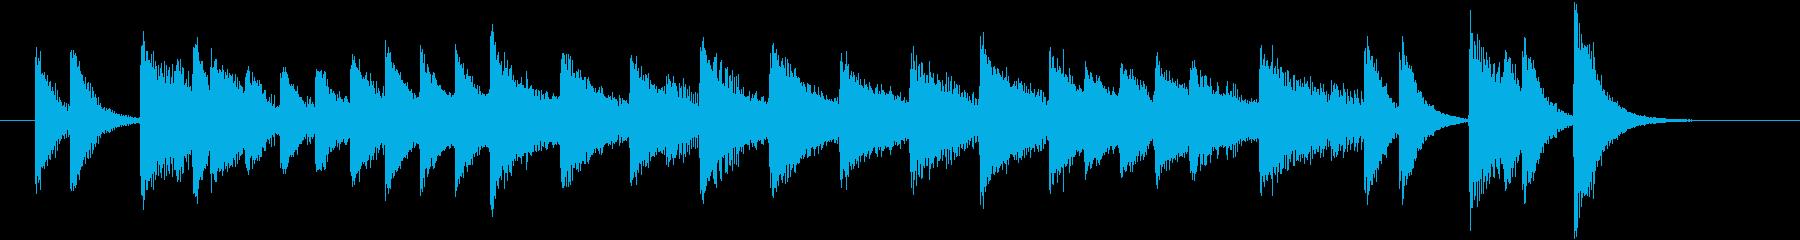 レトロ曲調のワクワクするピアノジングルの再生済みの波形